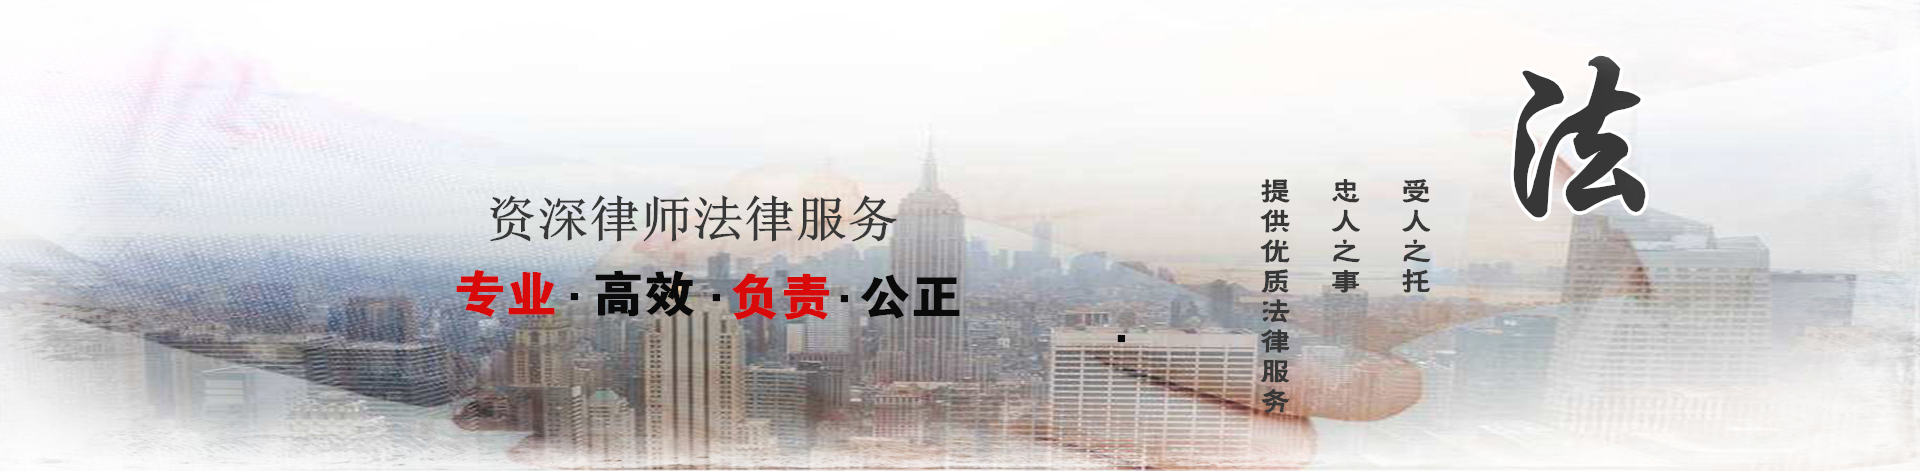 中山刑事律师:竭诚保护当事人合法权益